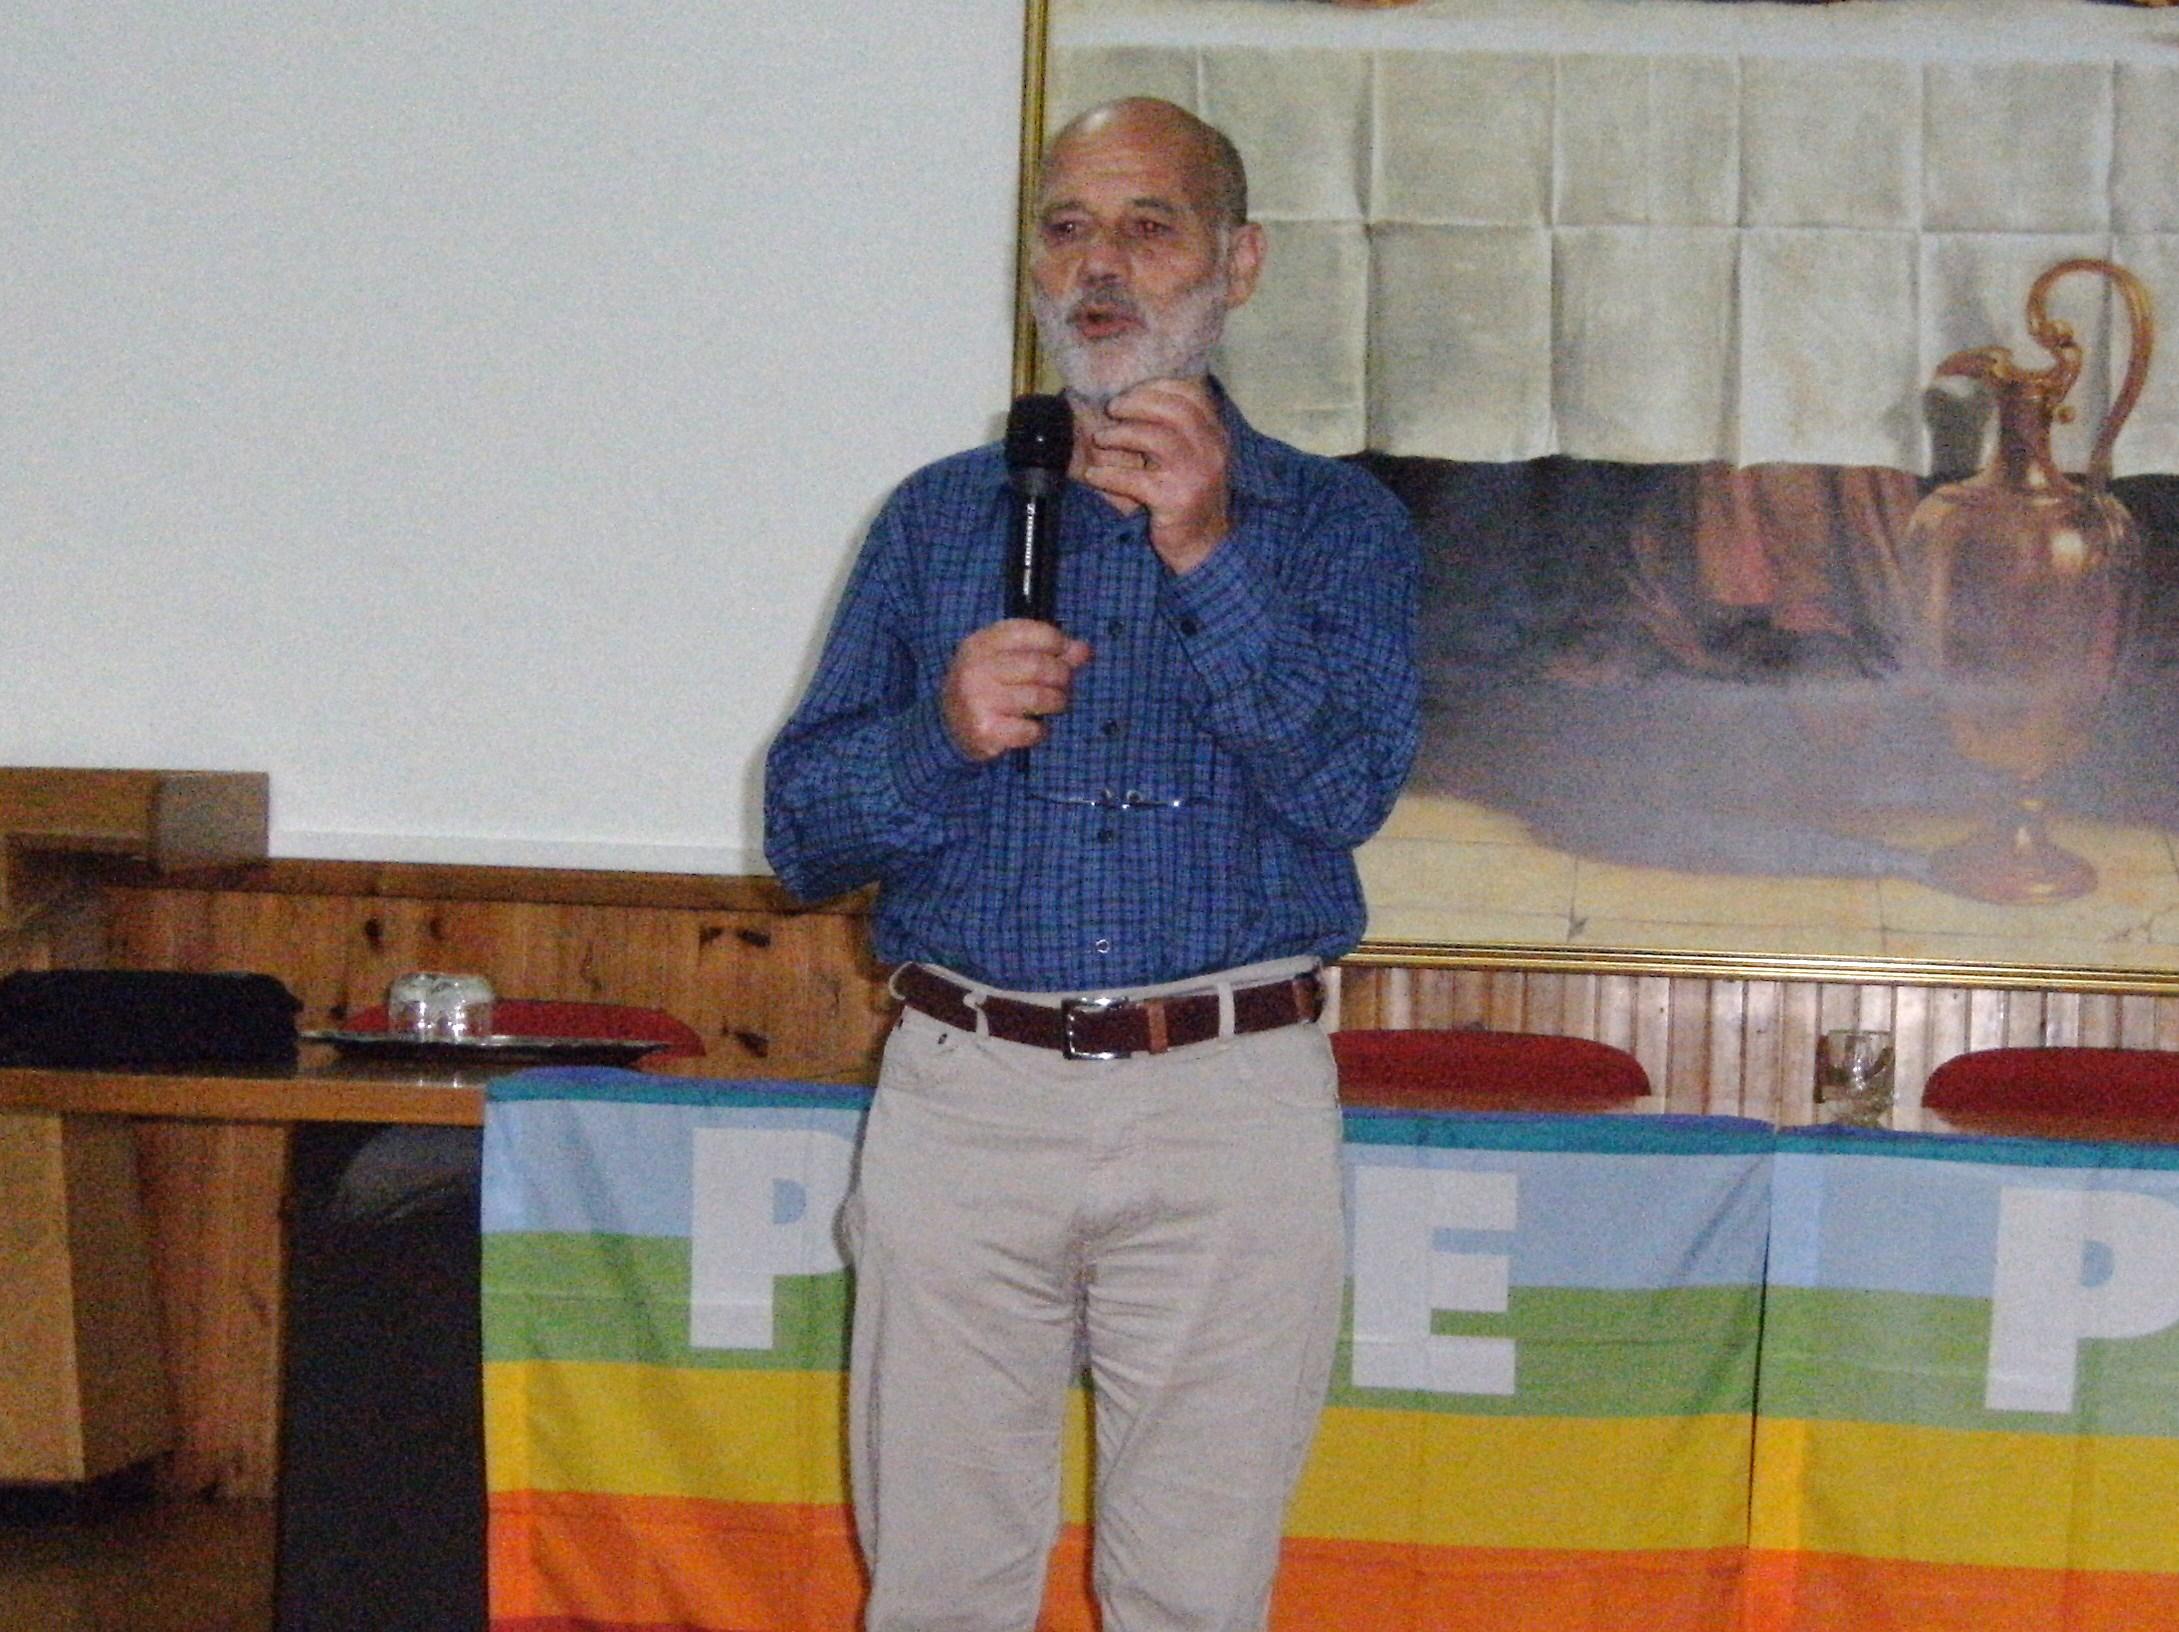 Francesco Gesualdi, fondatore del Centro Nuovo Modello di Sviluppo